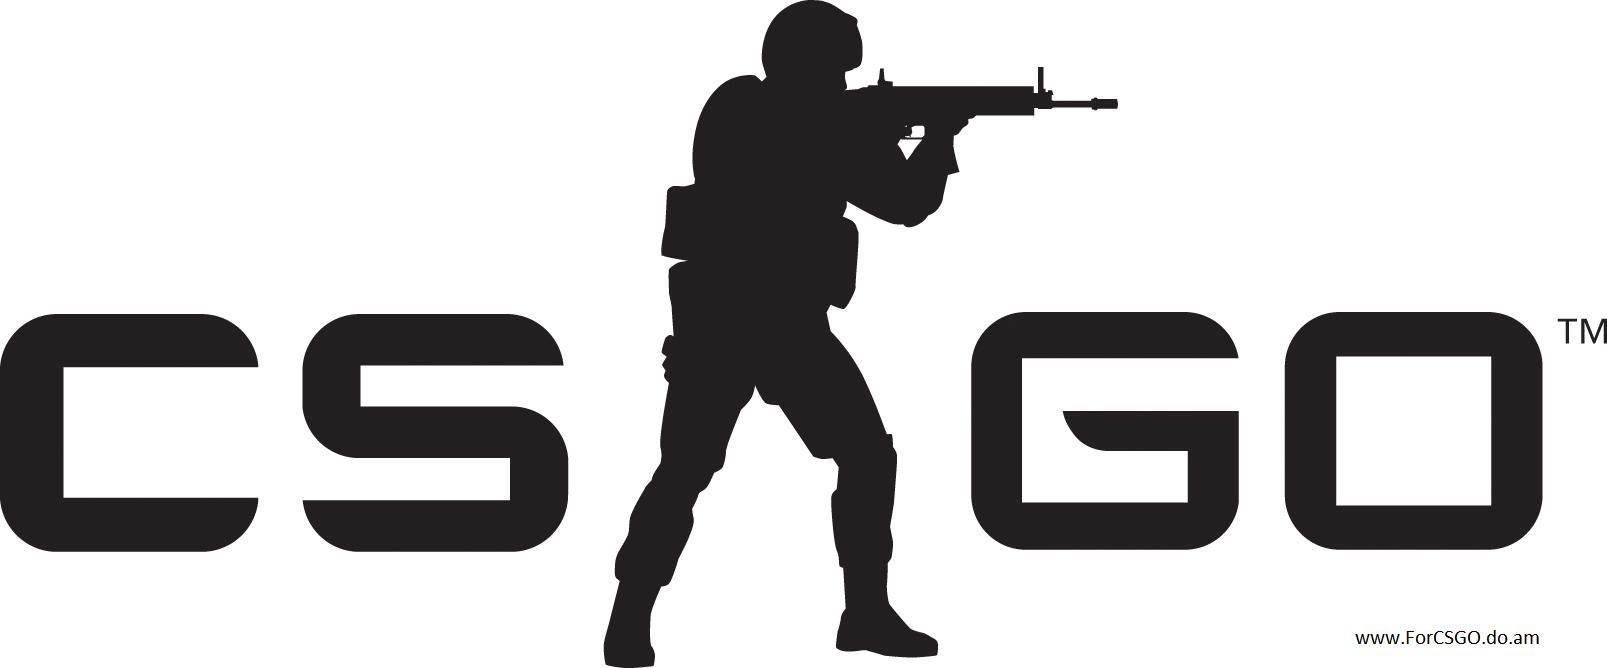 конифг для повышения FPS в CS:GO